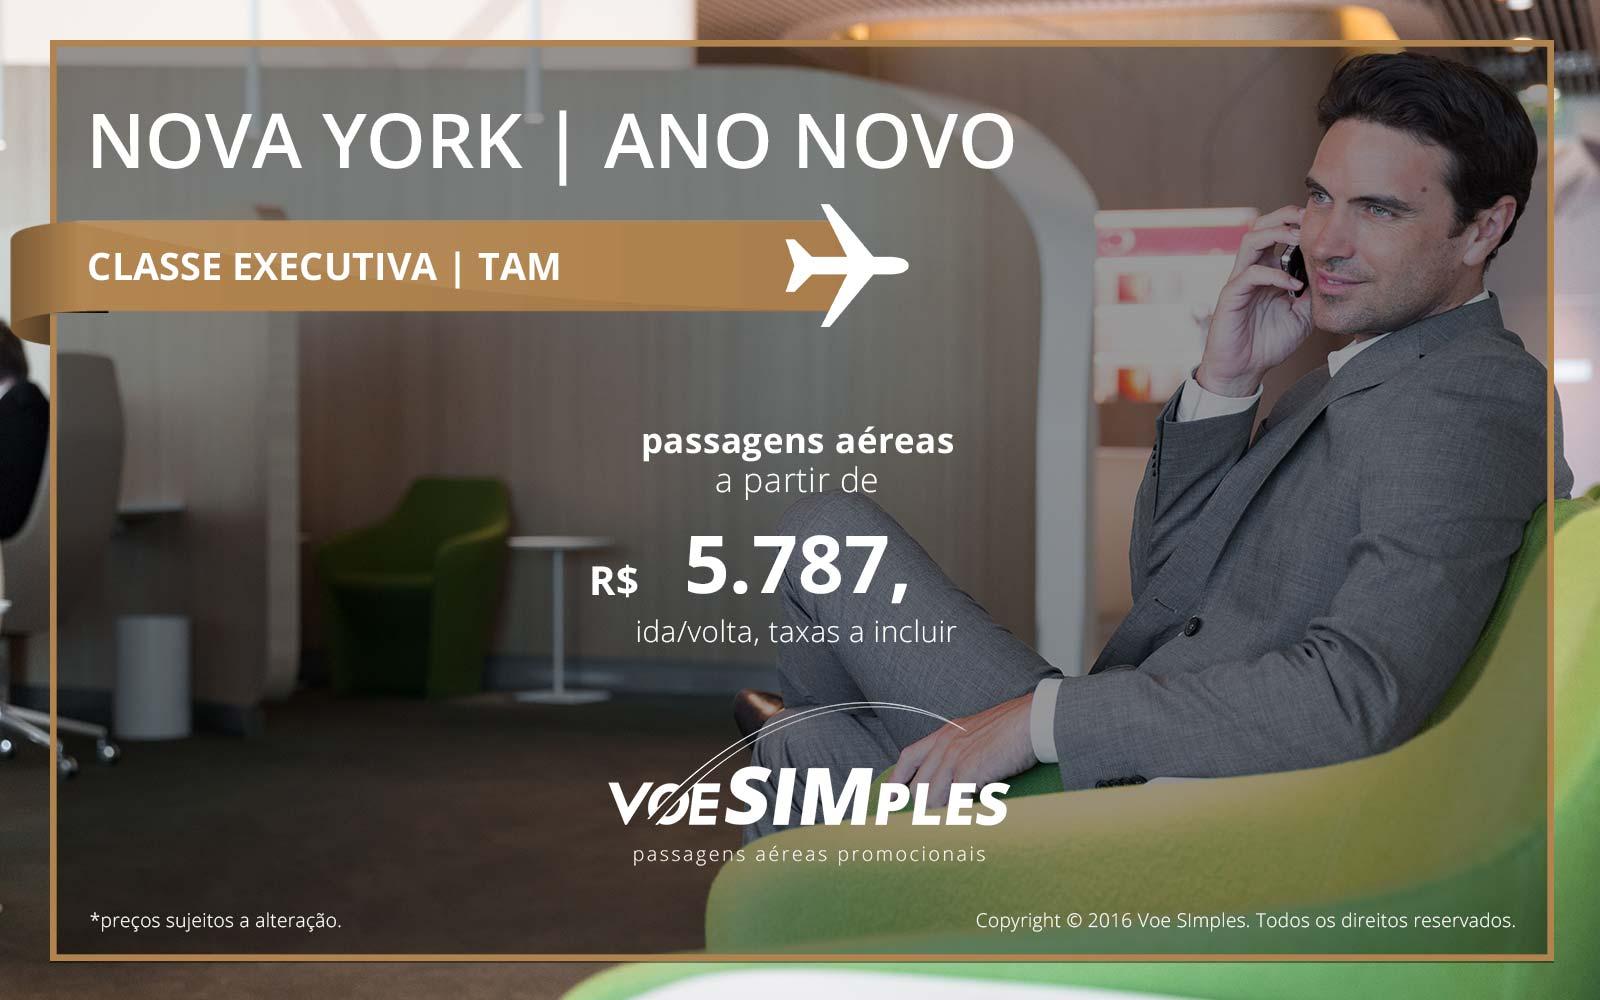 Passagem aérea Classe Executiva TAM para Nova York no Ano Novo